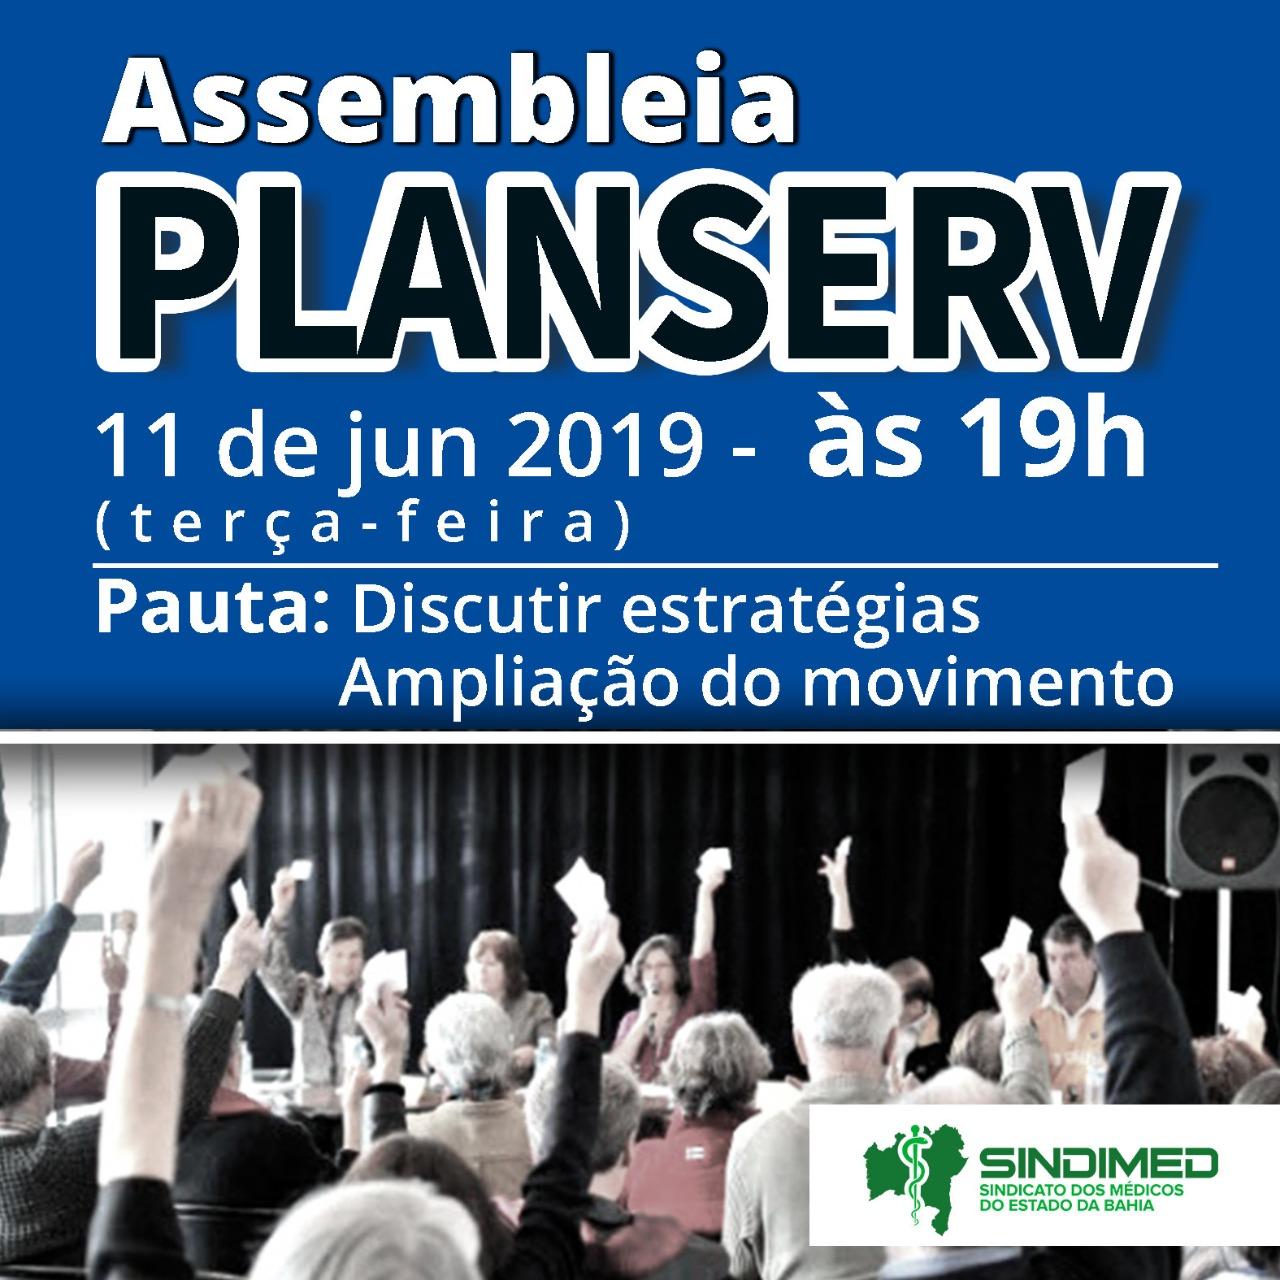 Na terça-feira, acontece nova Assembleia do Planserv